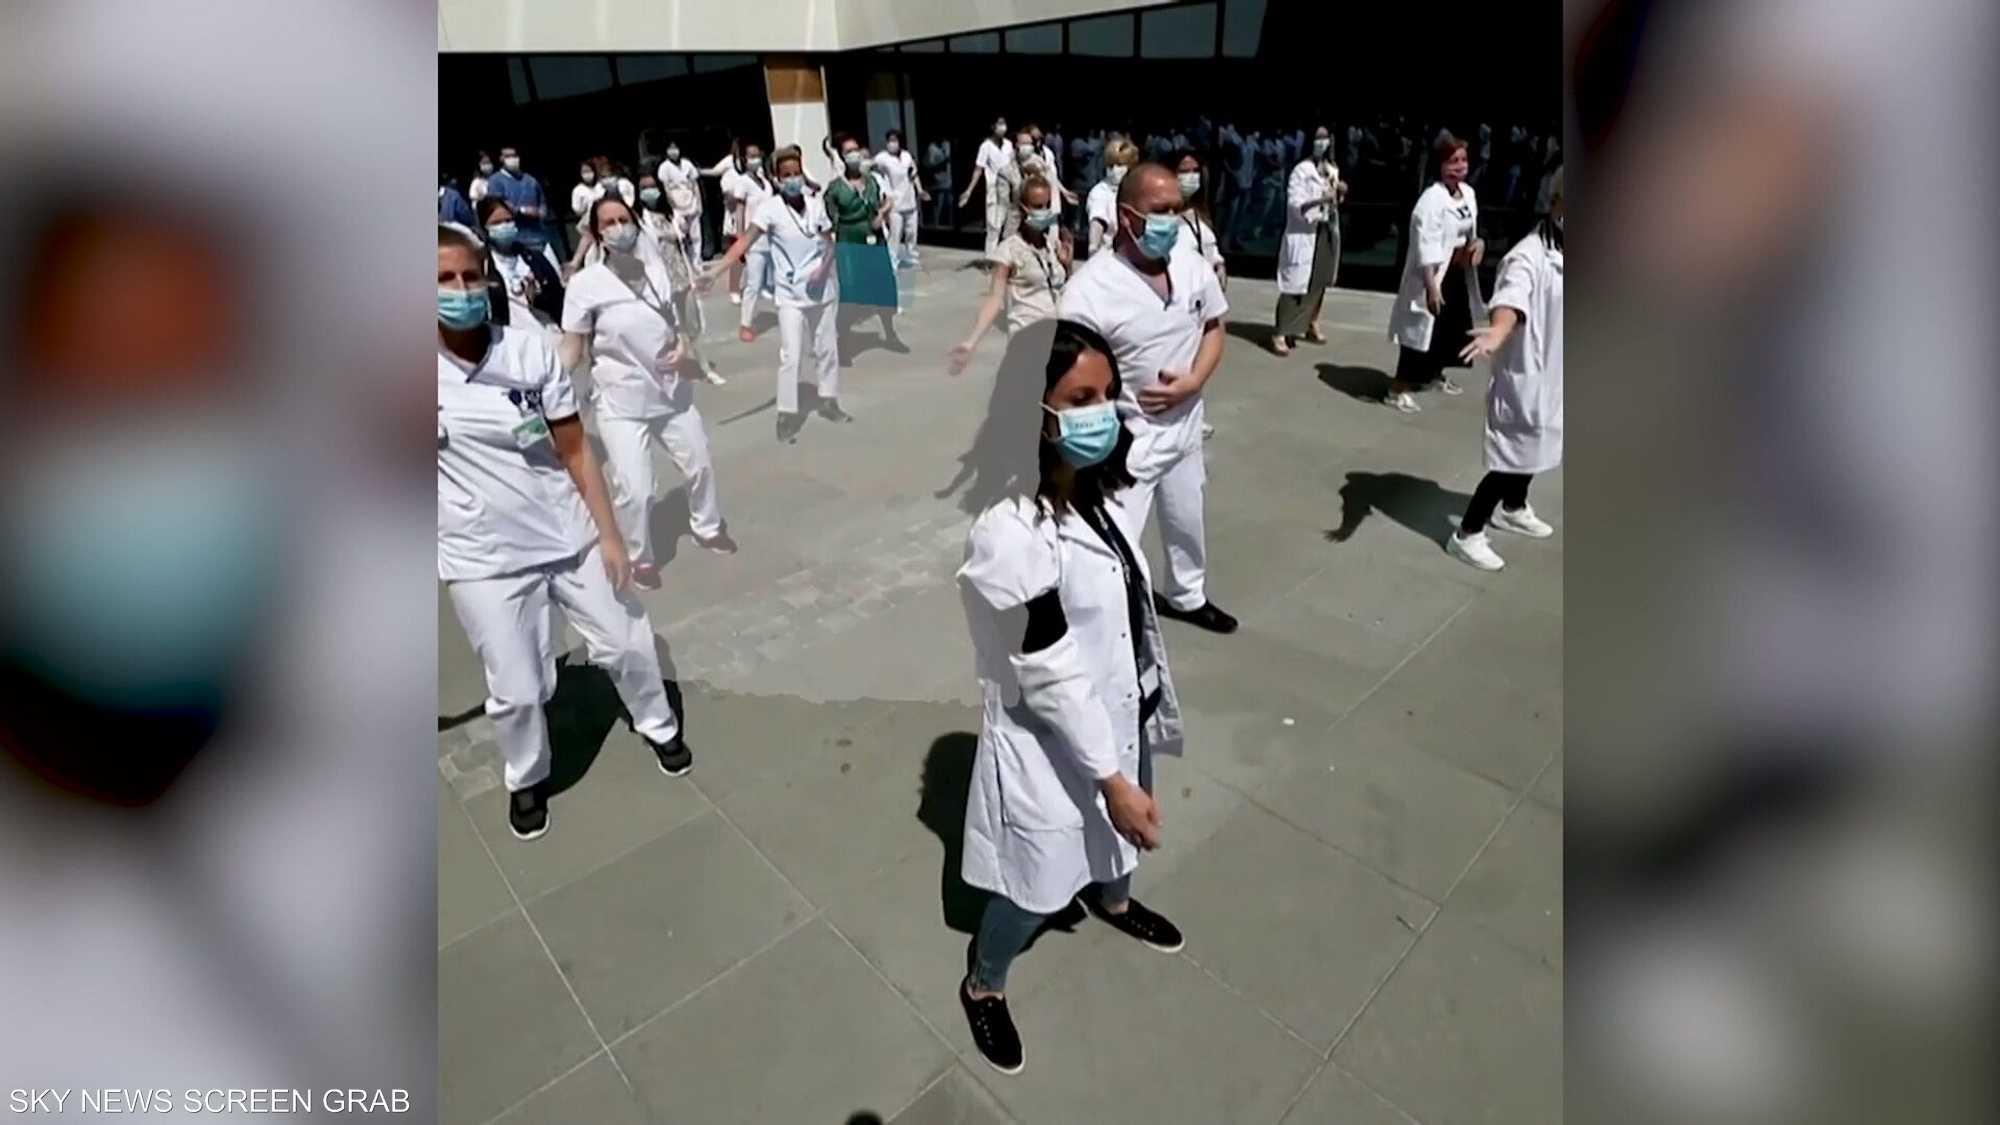 عمال القطاع الصحي يحتجون بالرقص في بلجيكا